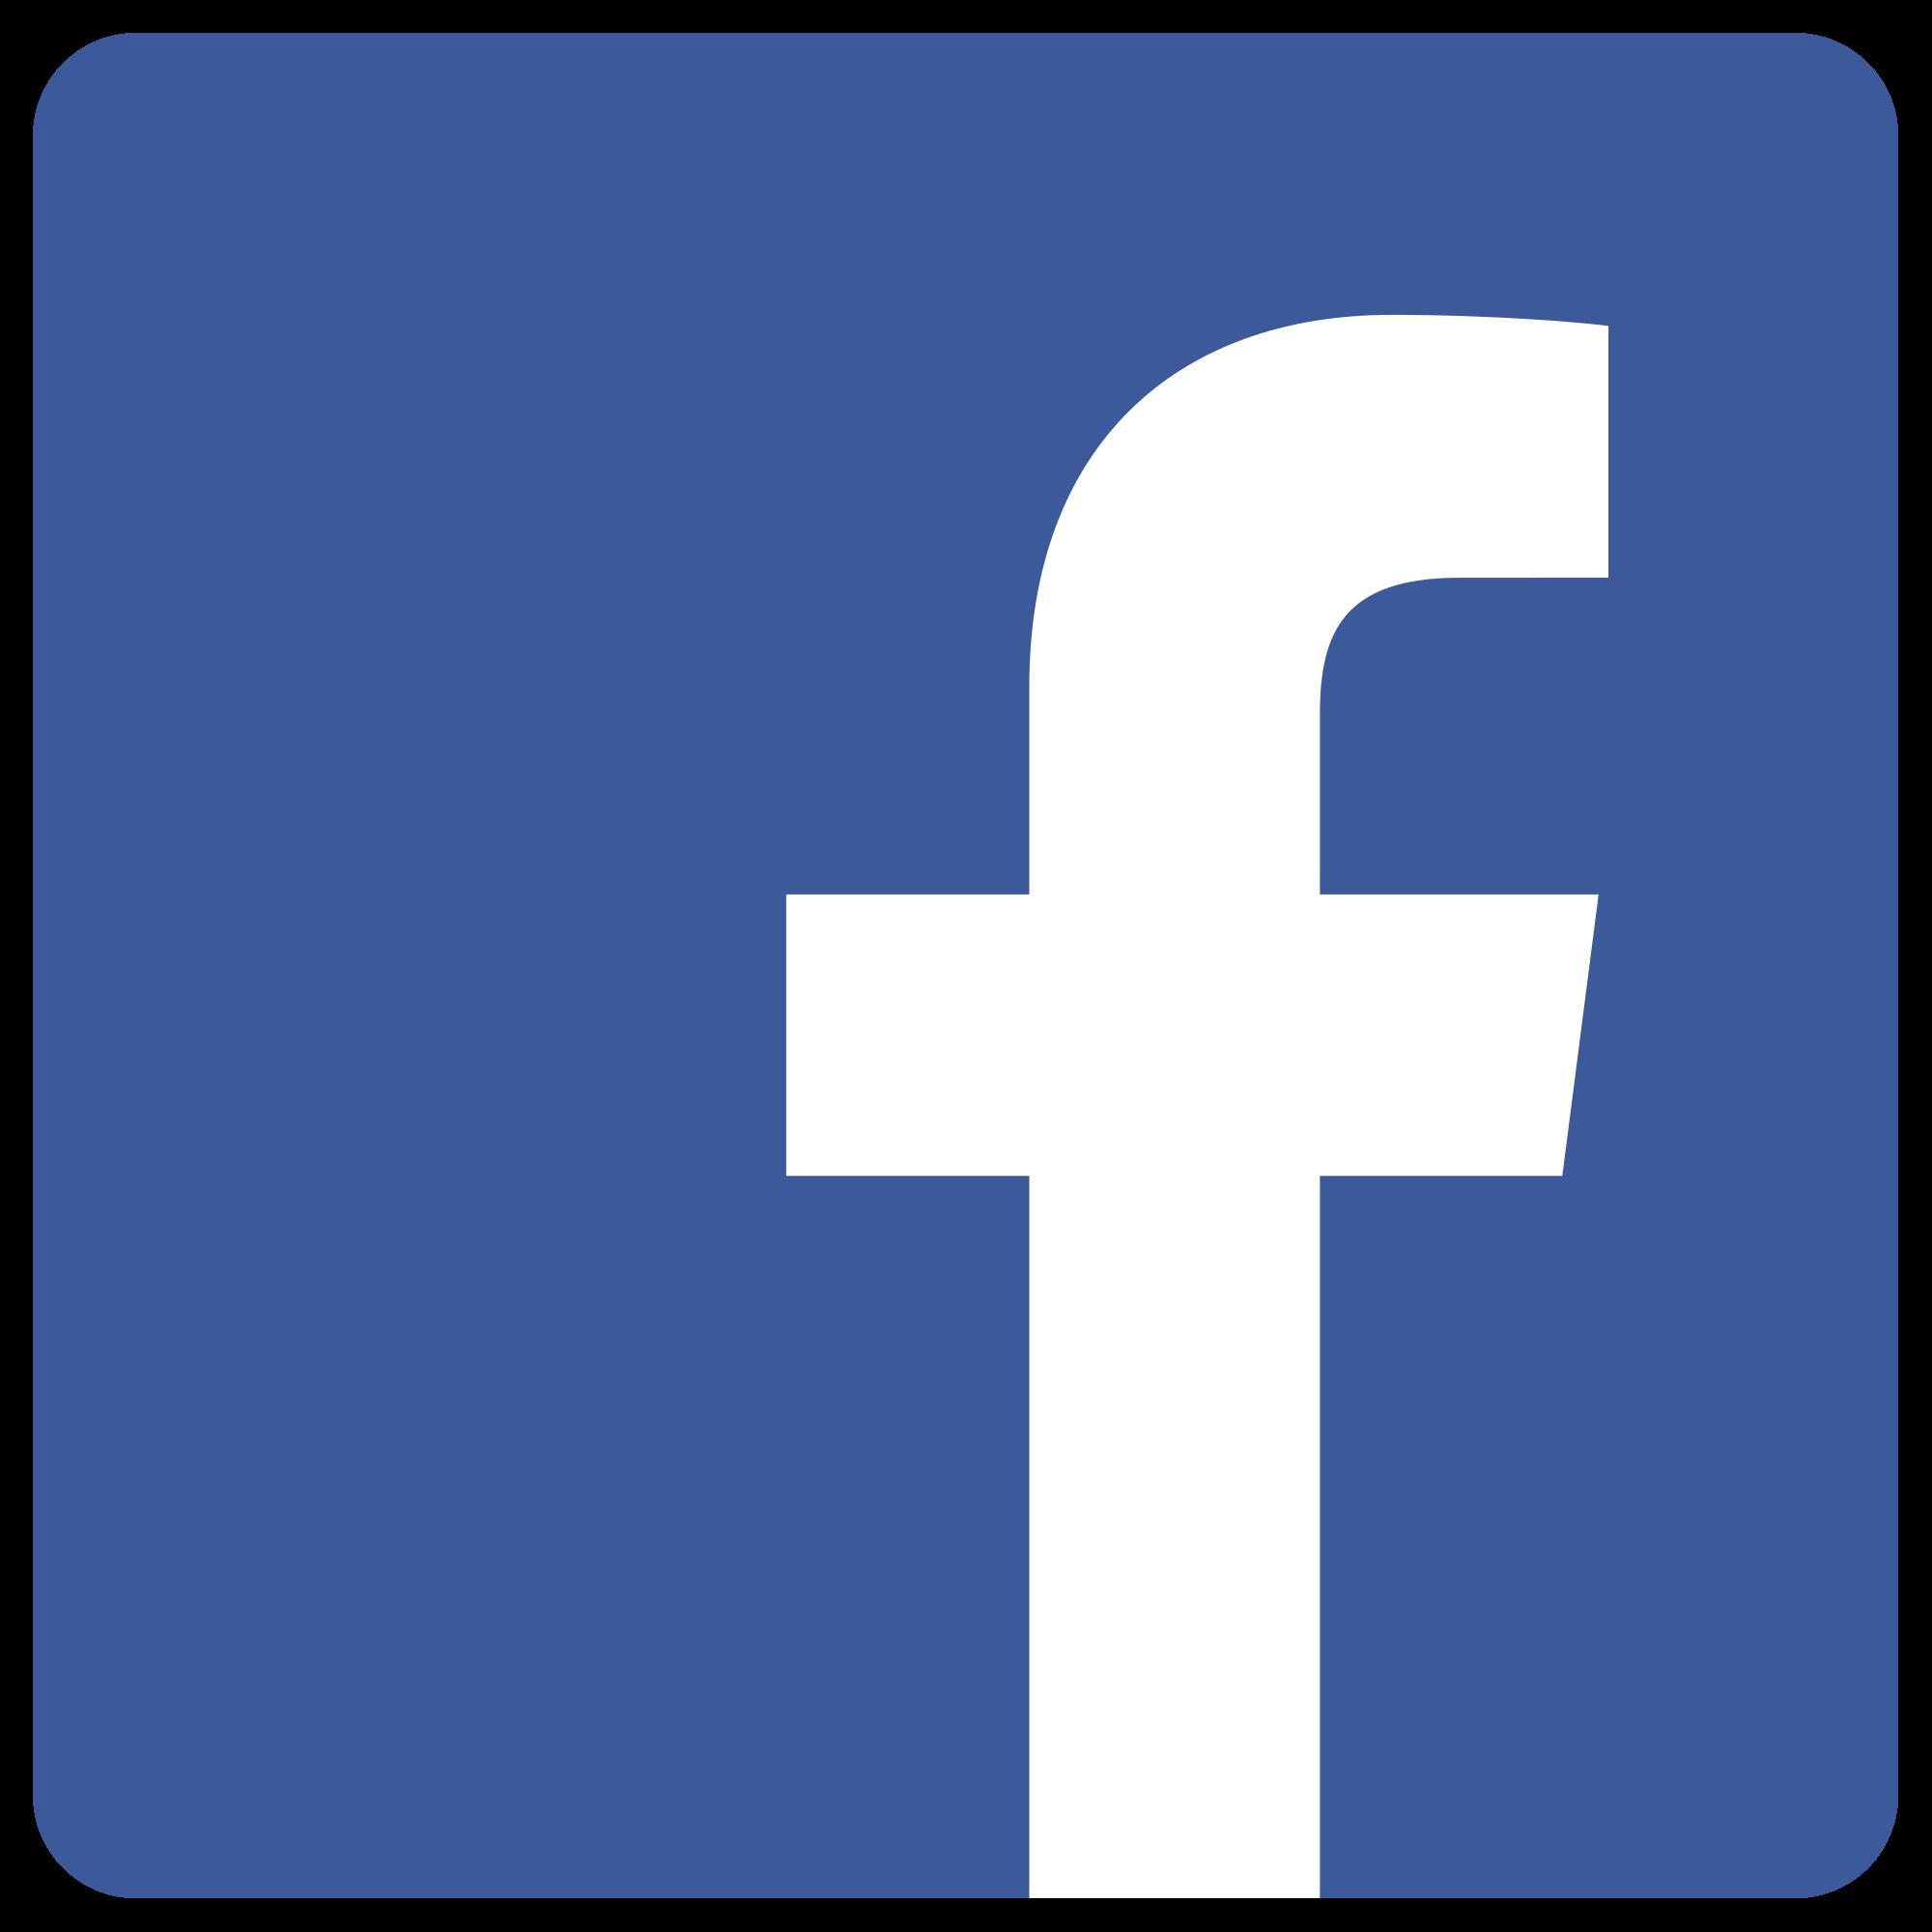 Facebook clipart. Symbol png logo